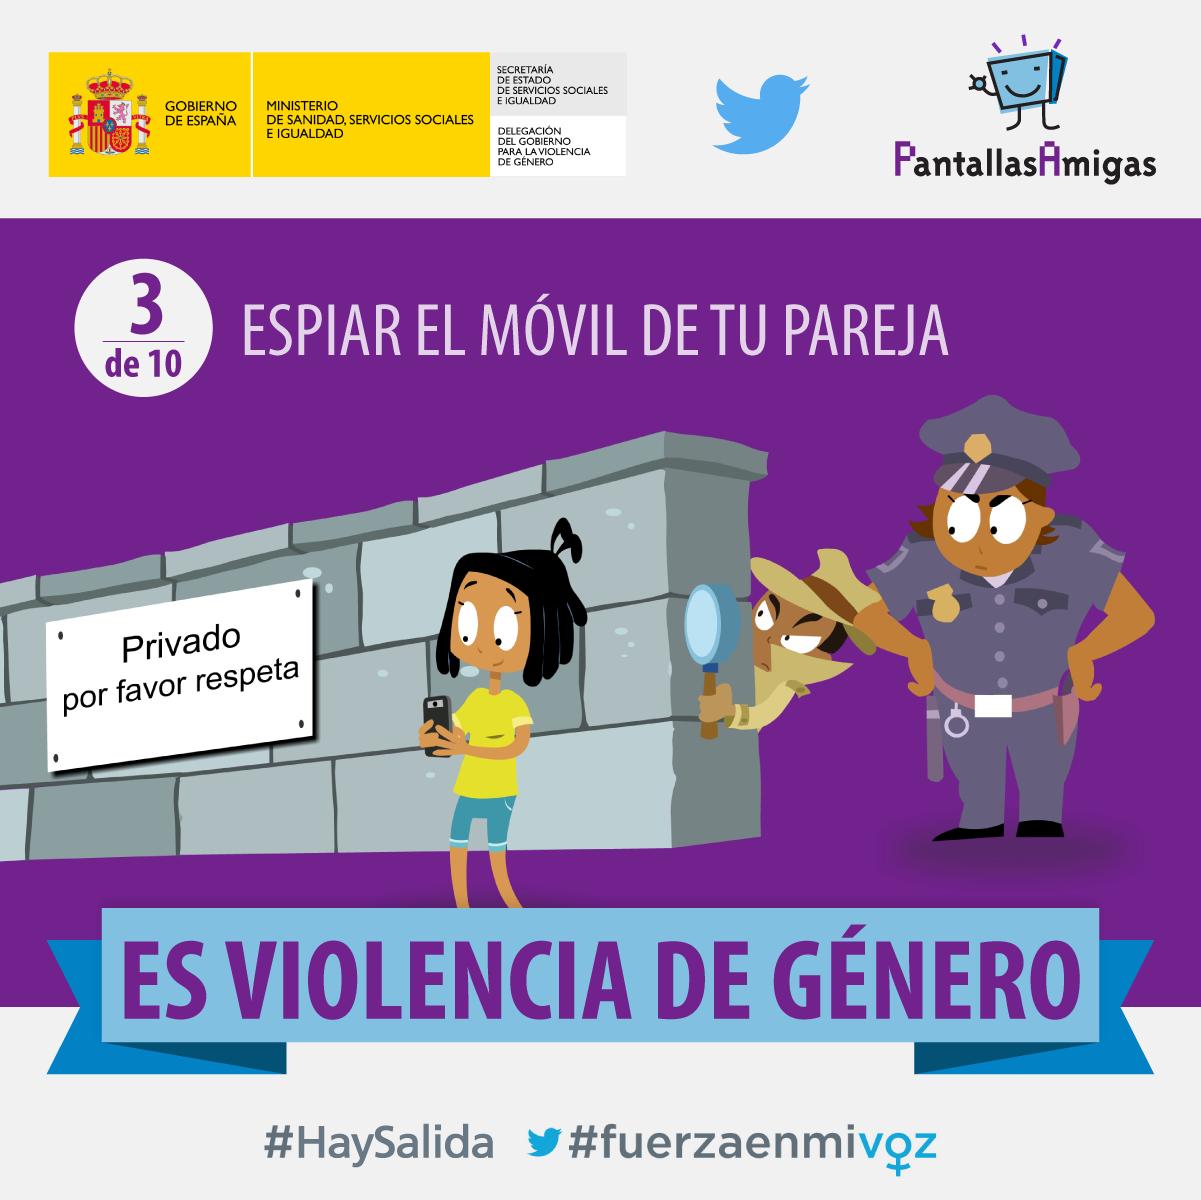 10-FORMAS-VIOLENCIA-DE-GÉNERO-DIGITAL_03_10_Espiar